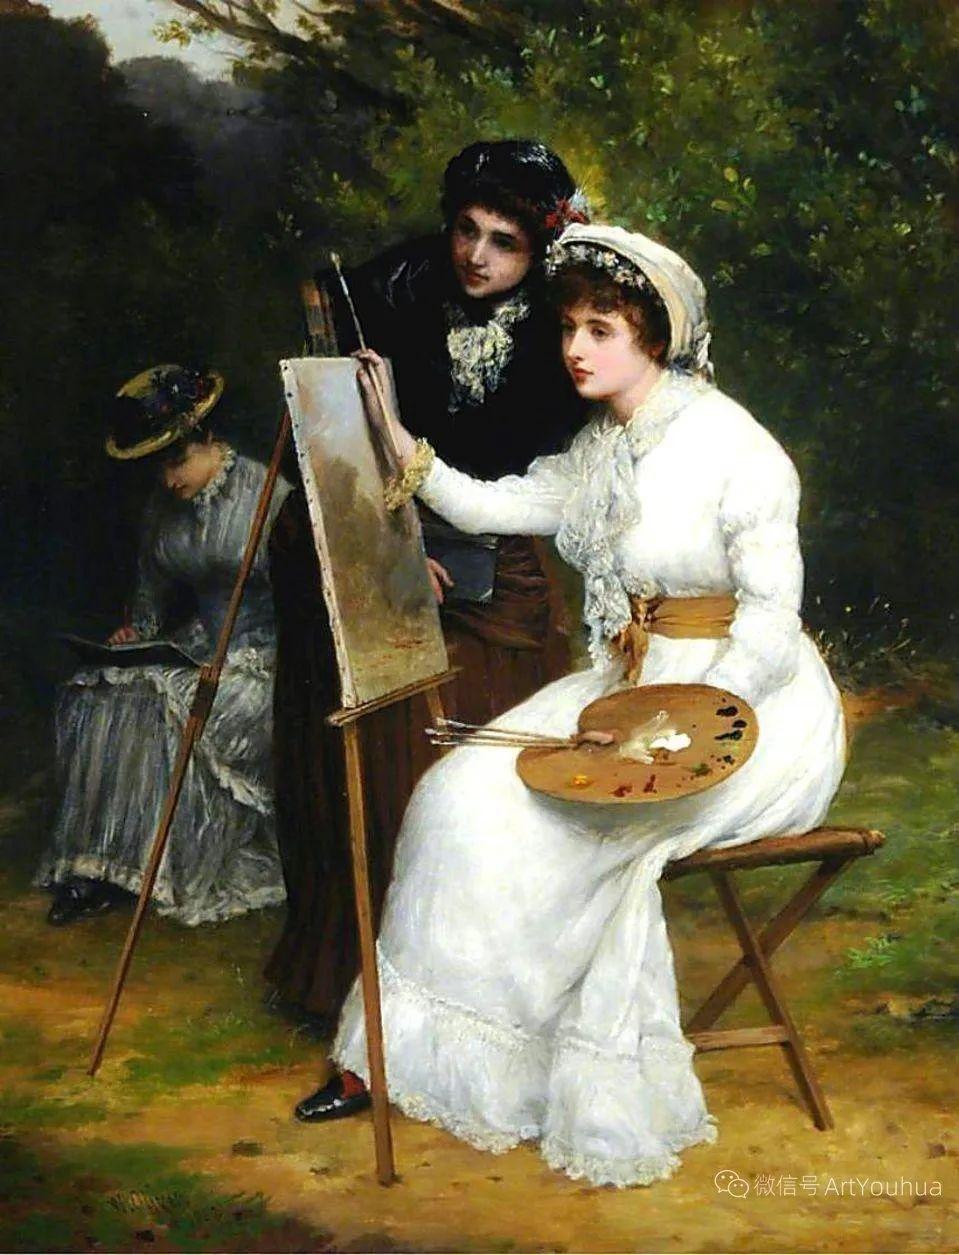 纯情与美丽,英国画家威廉·奥利弗作品选插图87